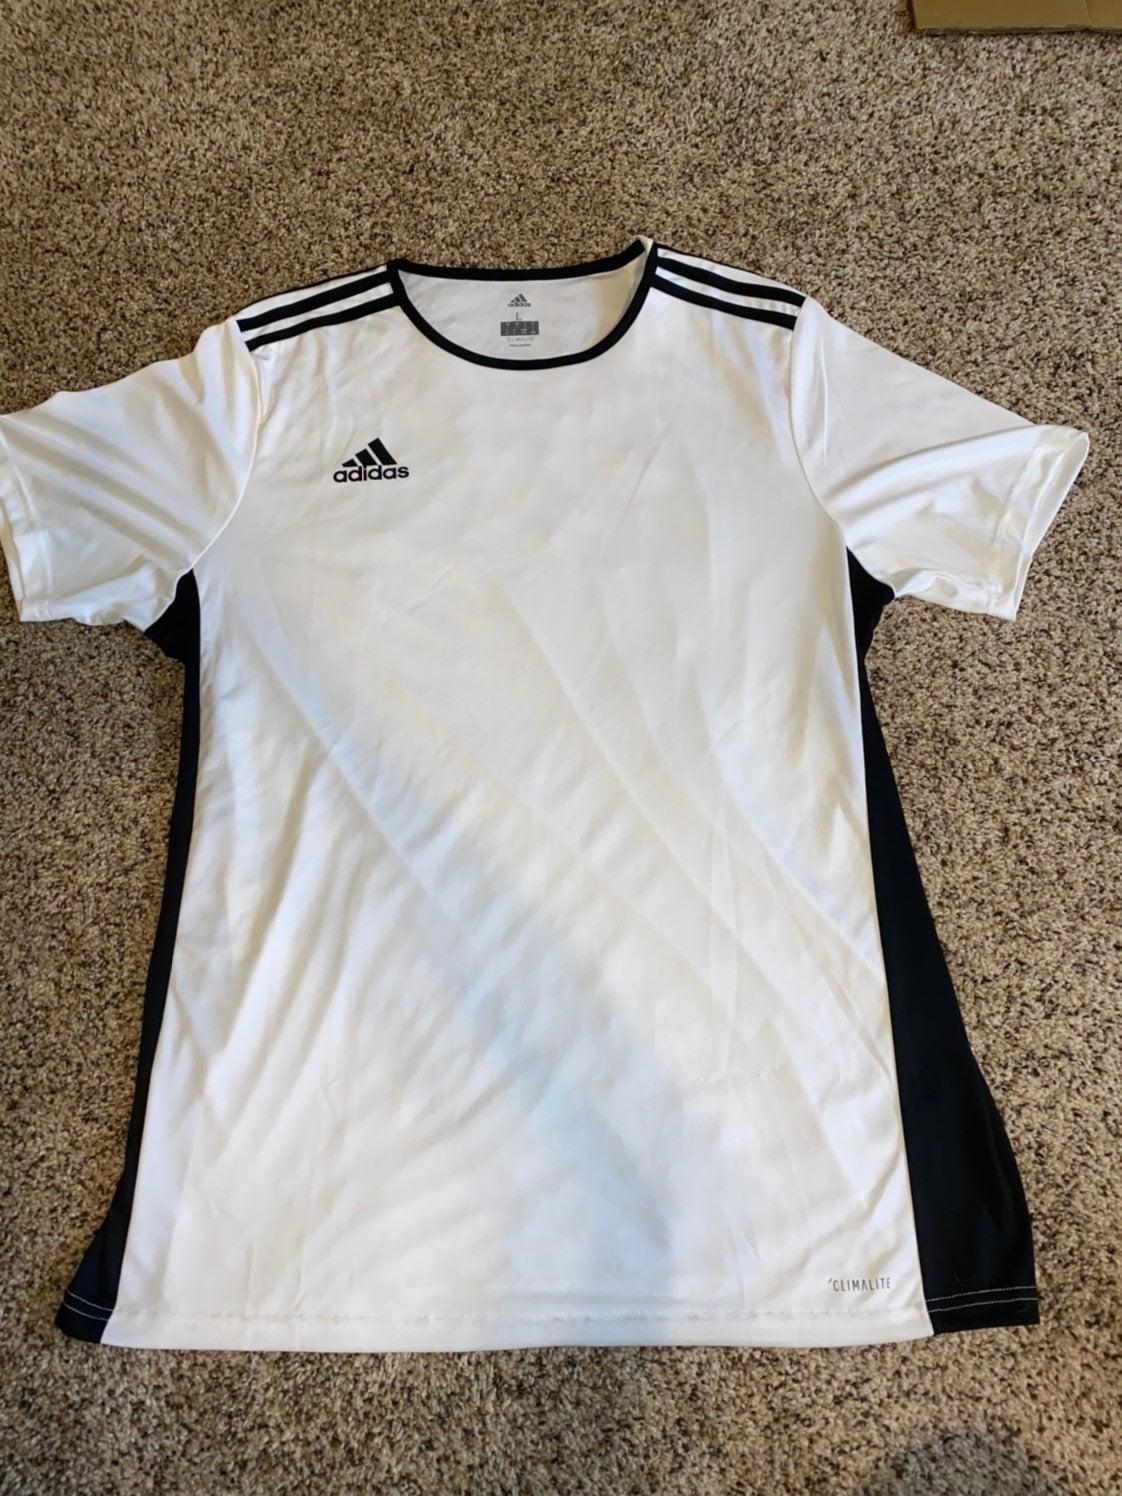 Mens Adidas shirt